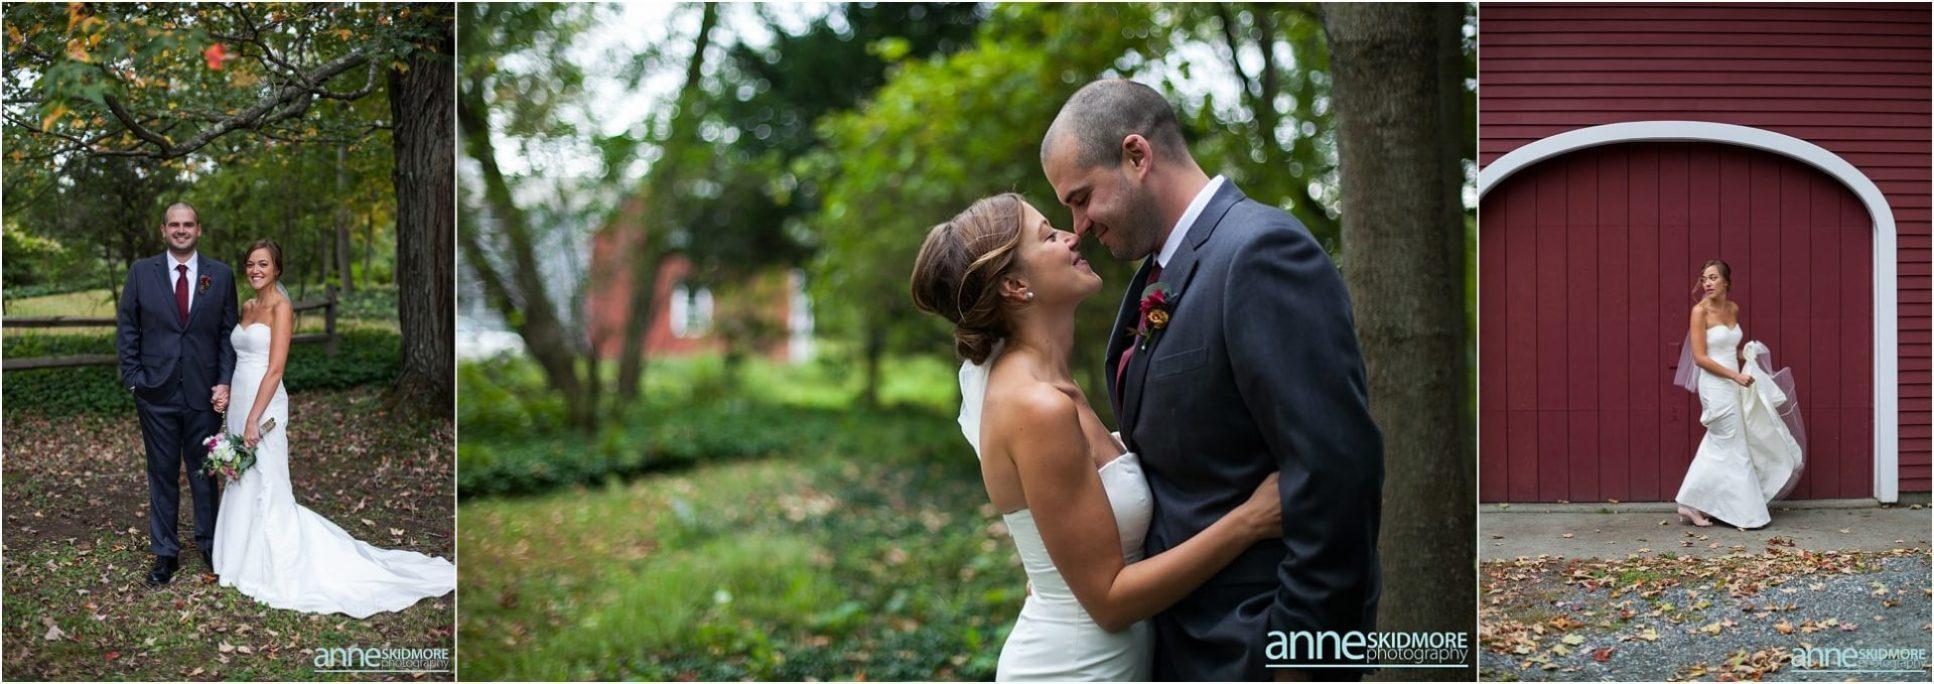 Claremont_NewHampshire_Wedding__019